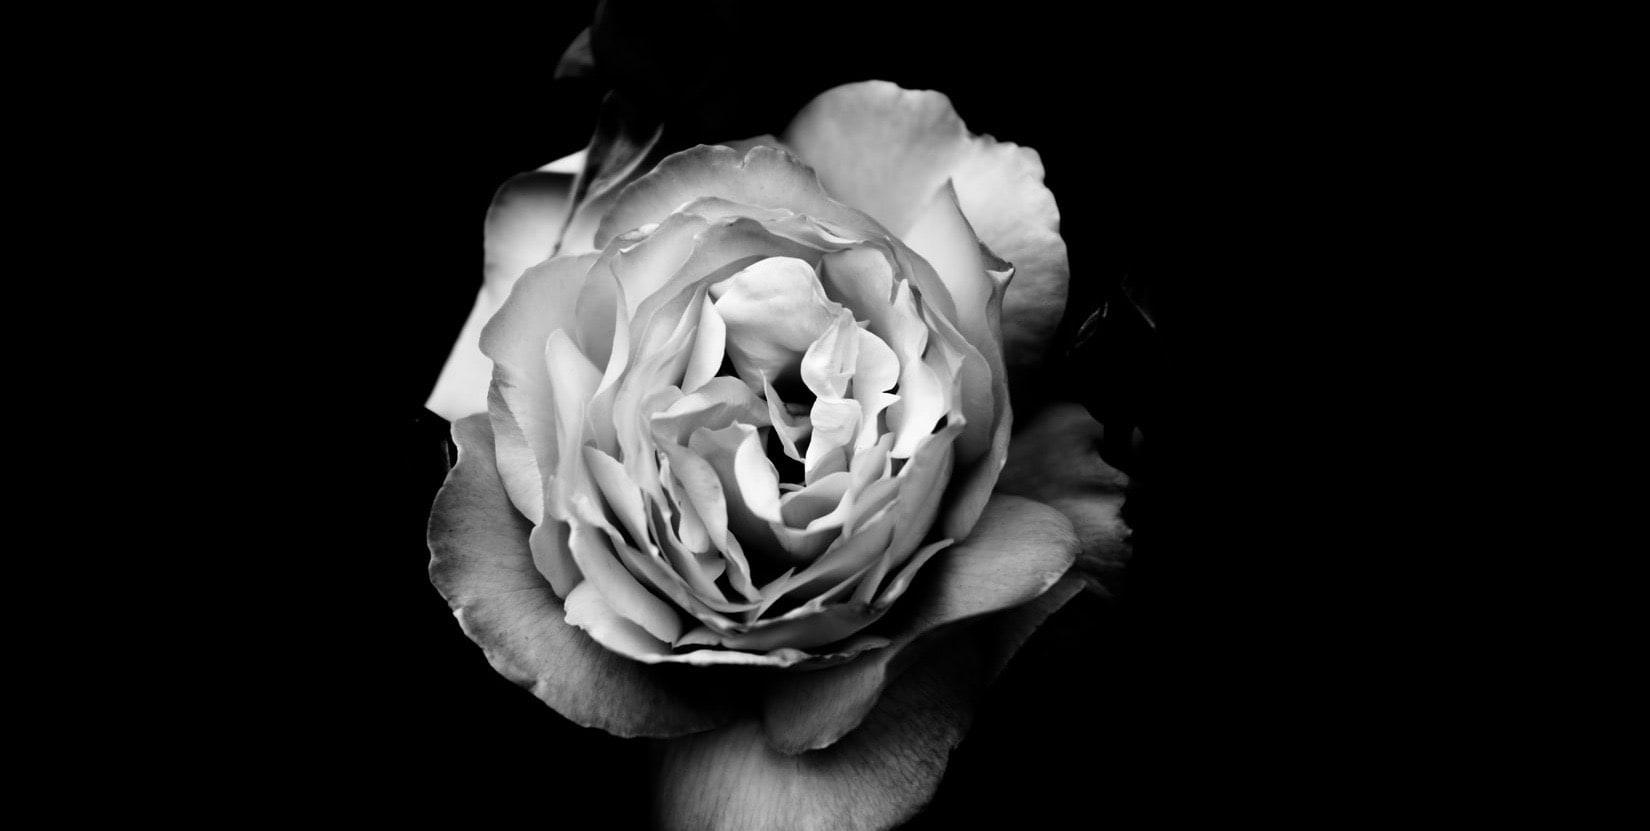 rosa blanco y negro